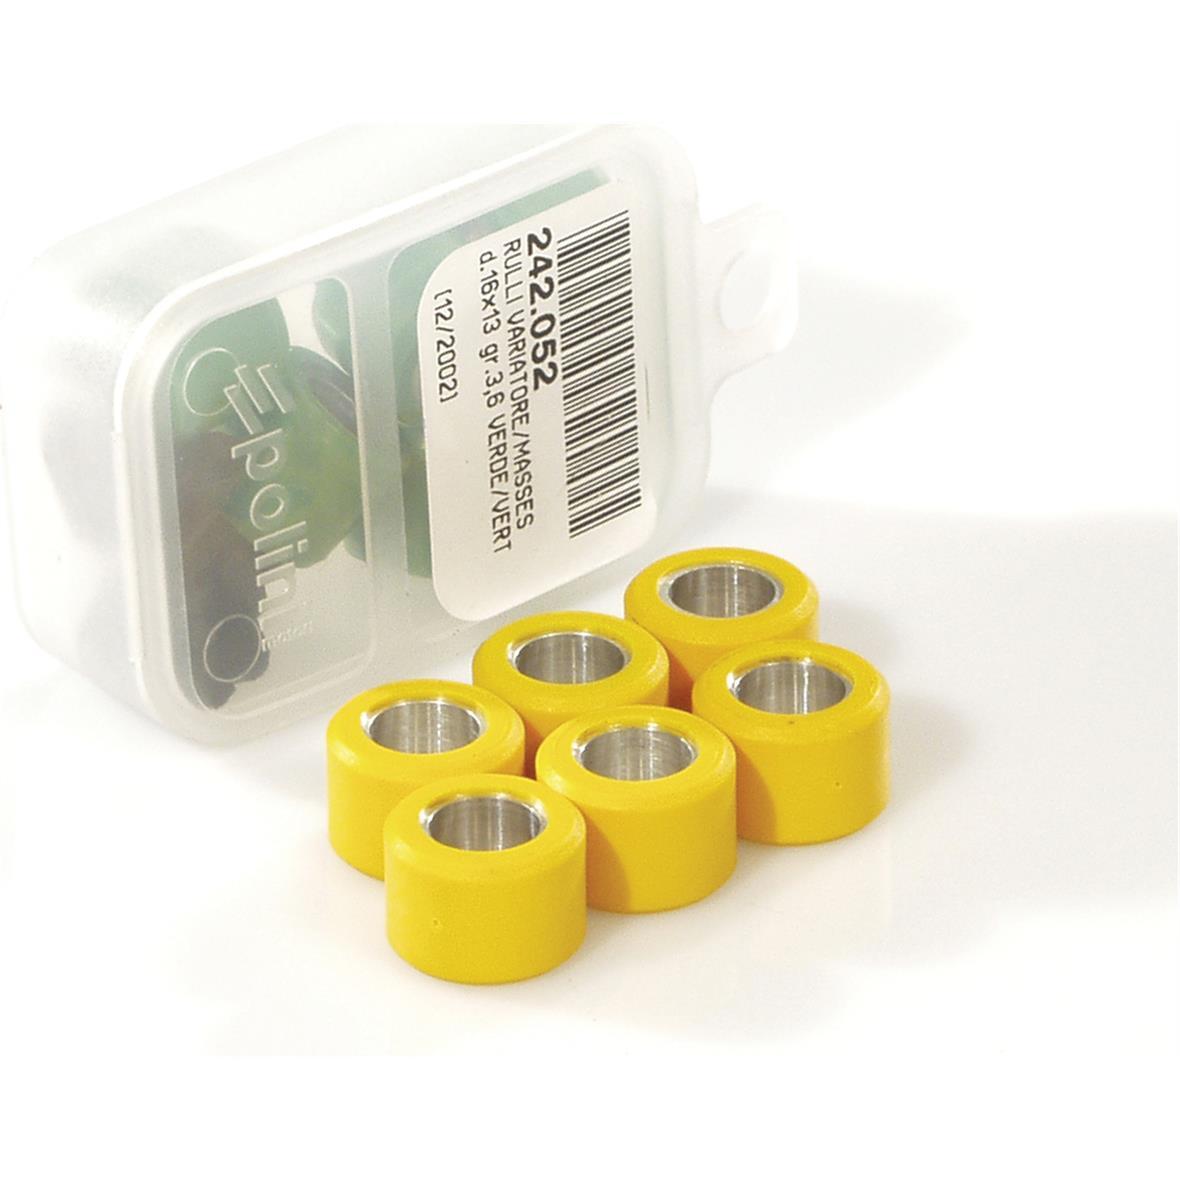 Image du produit 'Rouleaux de variateur POLINI 17x12 mm 10,8g'